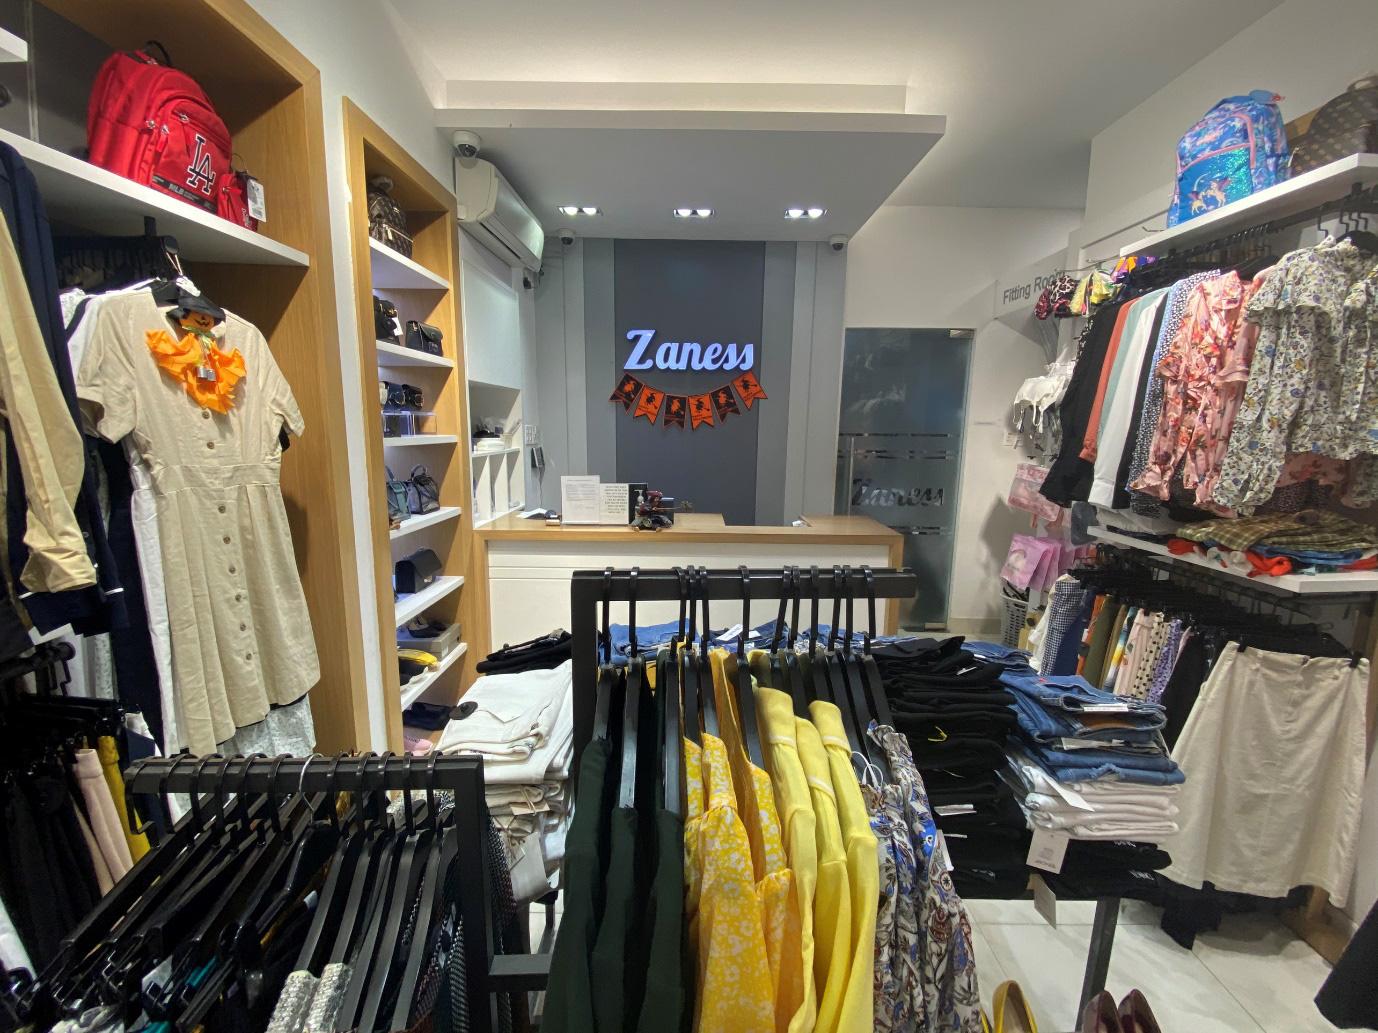 Zaness Hàng Xuất Khẩu – Thương hiệu thời trang đón đầu xu hướng dành cho giới trẻ - Ảnh 5.